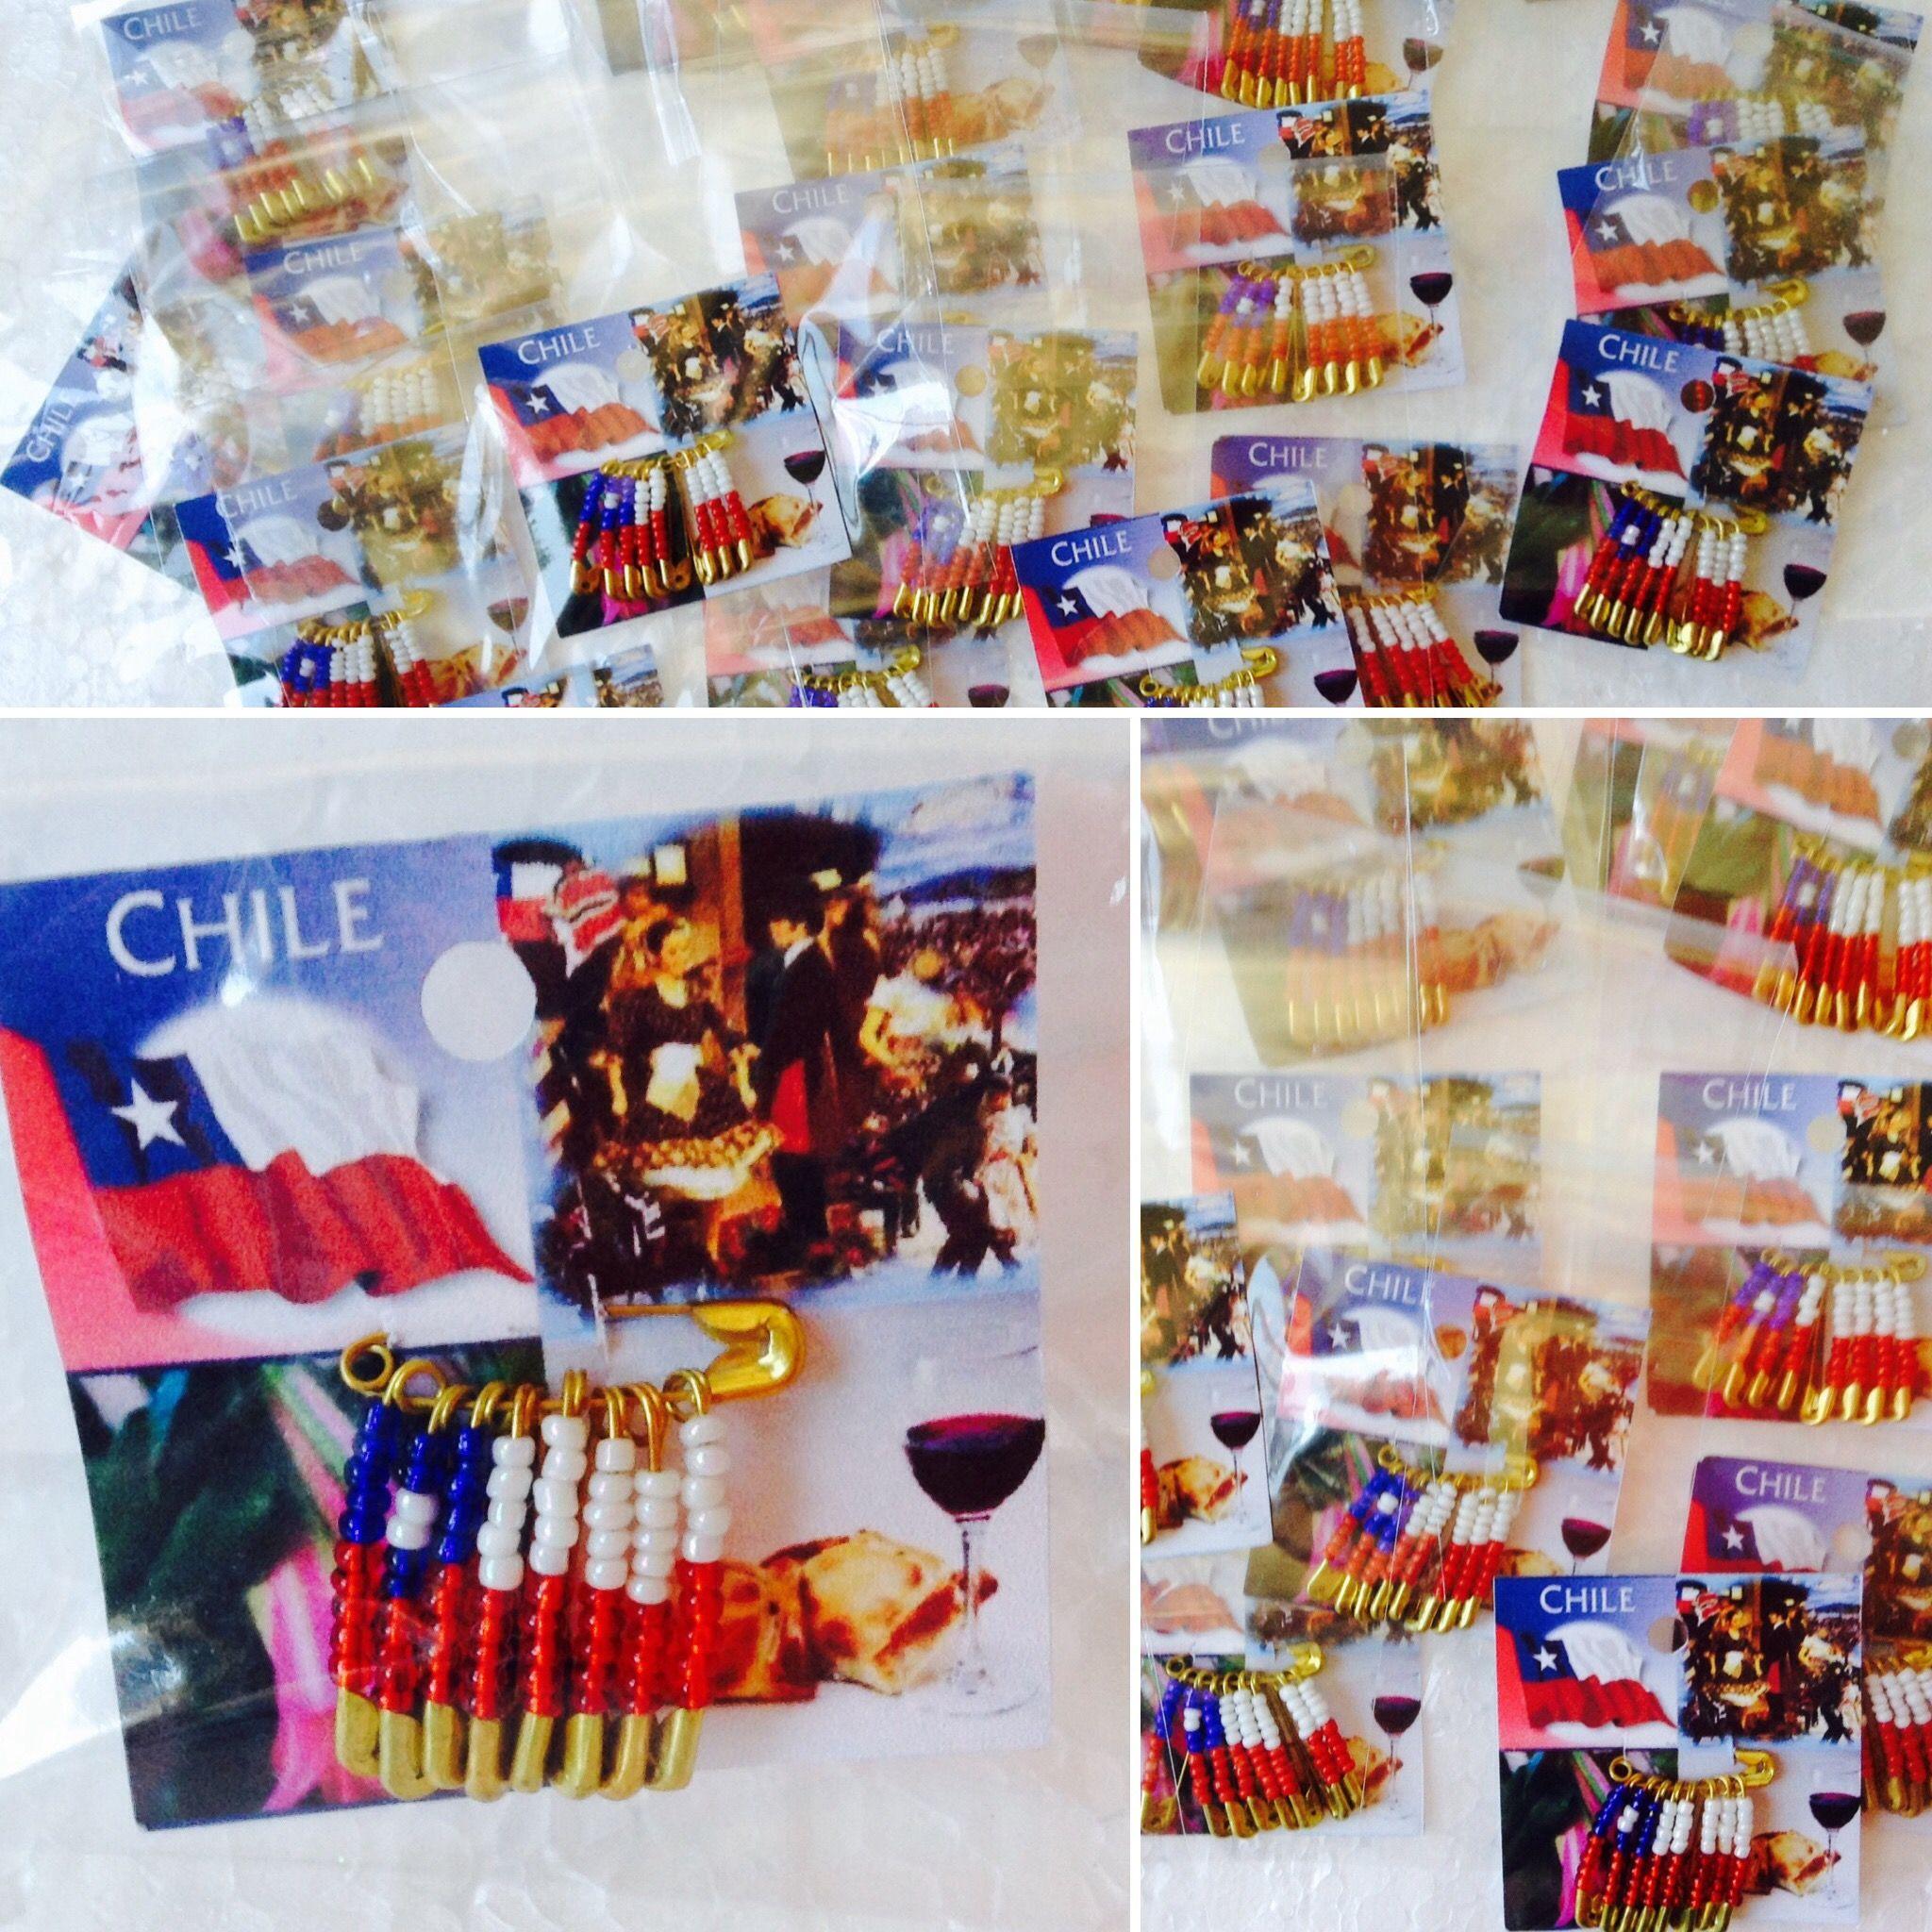 Prendedor de bandera Chilena en mostacilla, realizado por Giovanna Marconi